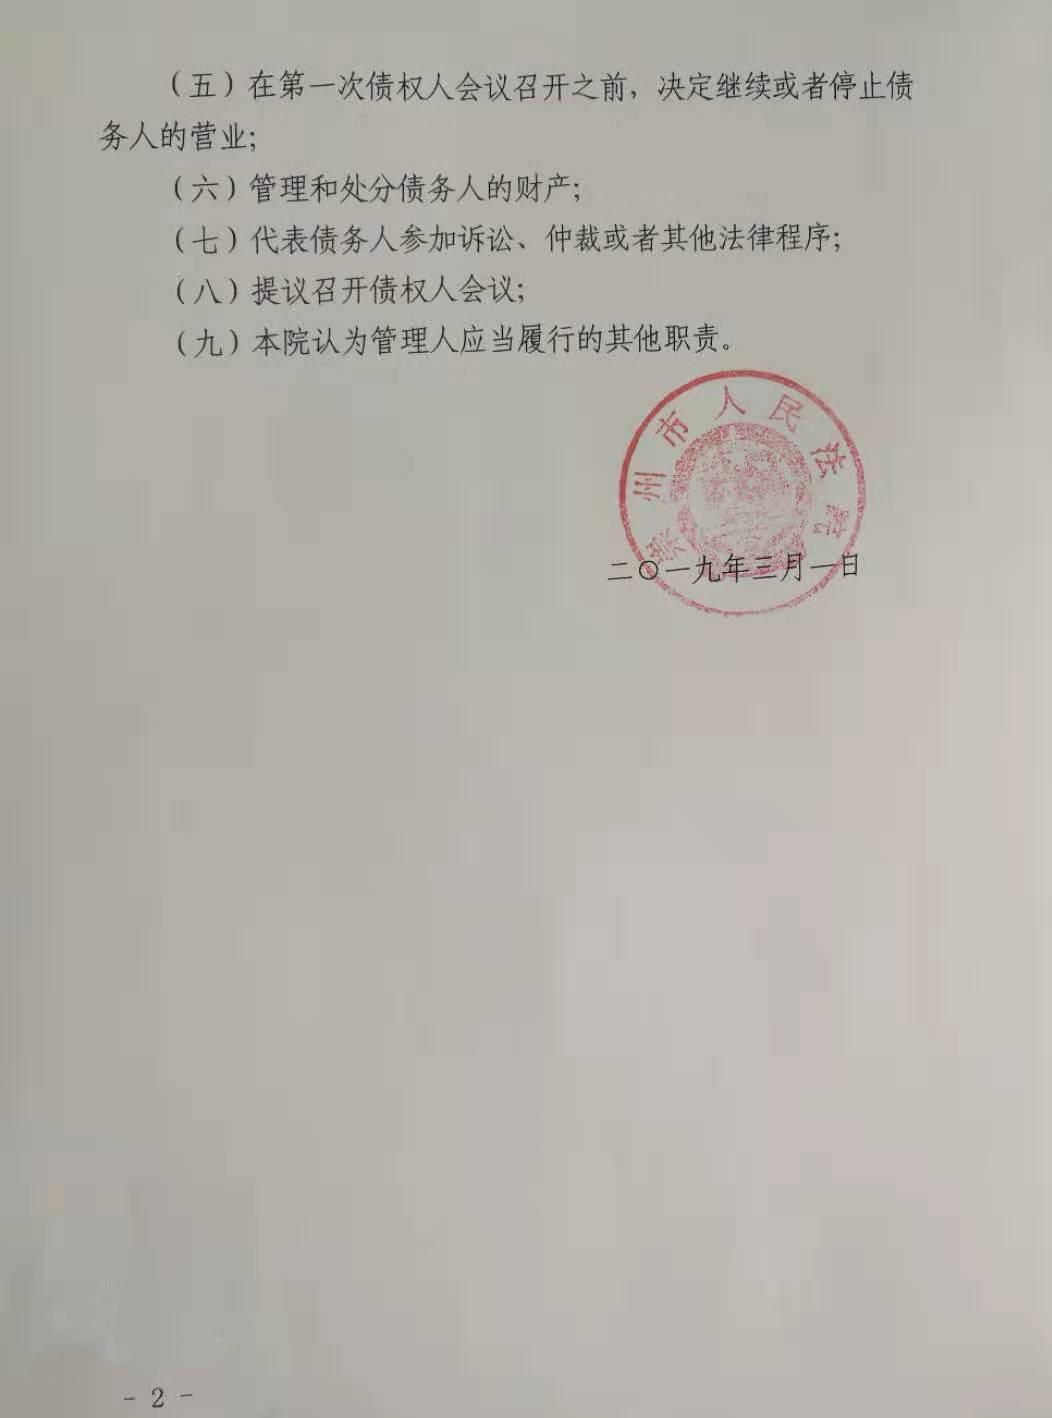 四川省崇州市人民法院指定我公司担任四川刚毅科技集团有限公司金豪棋牌游戏中心管理人